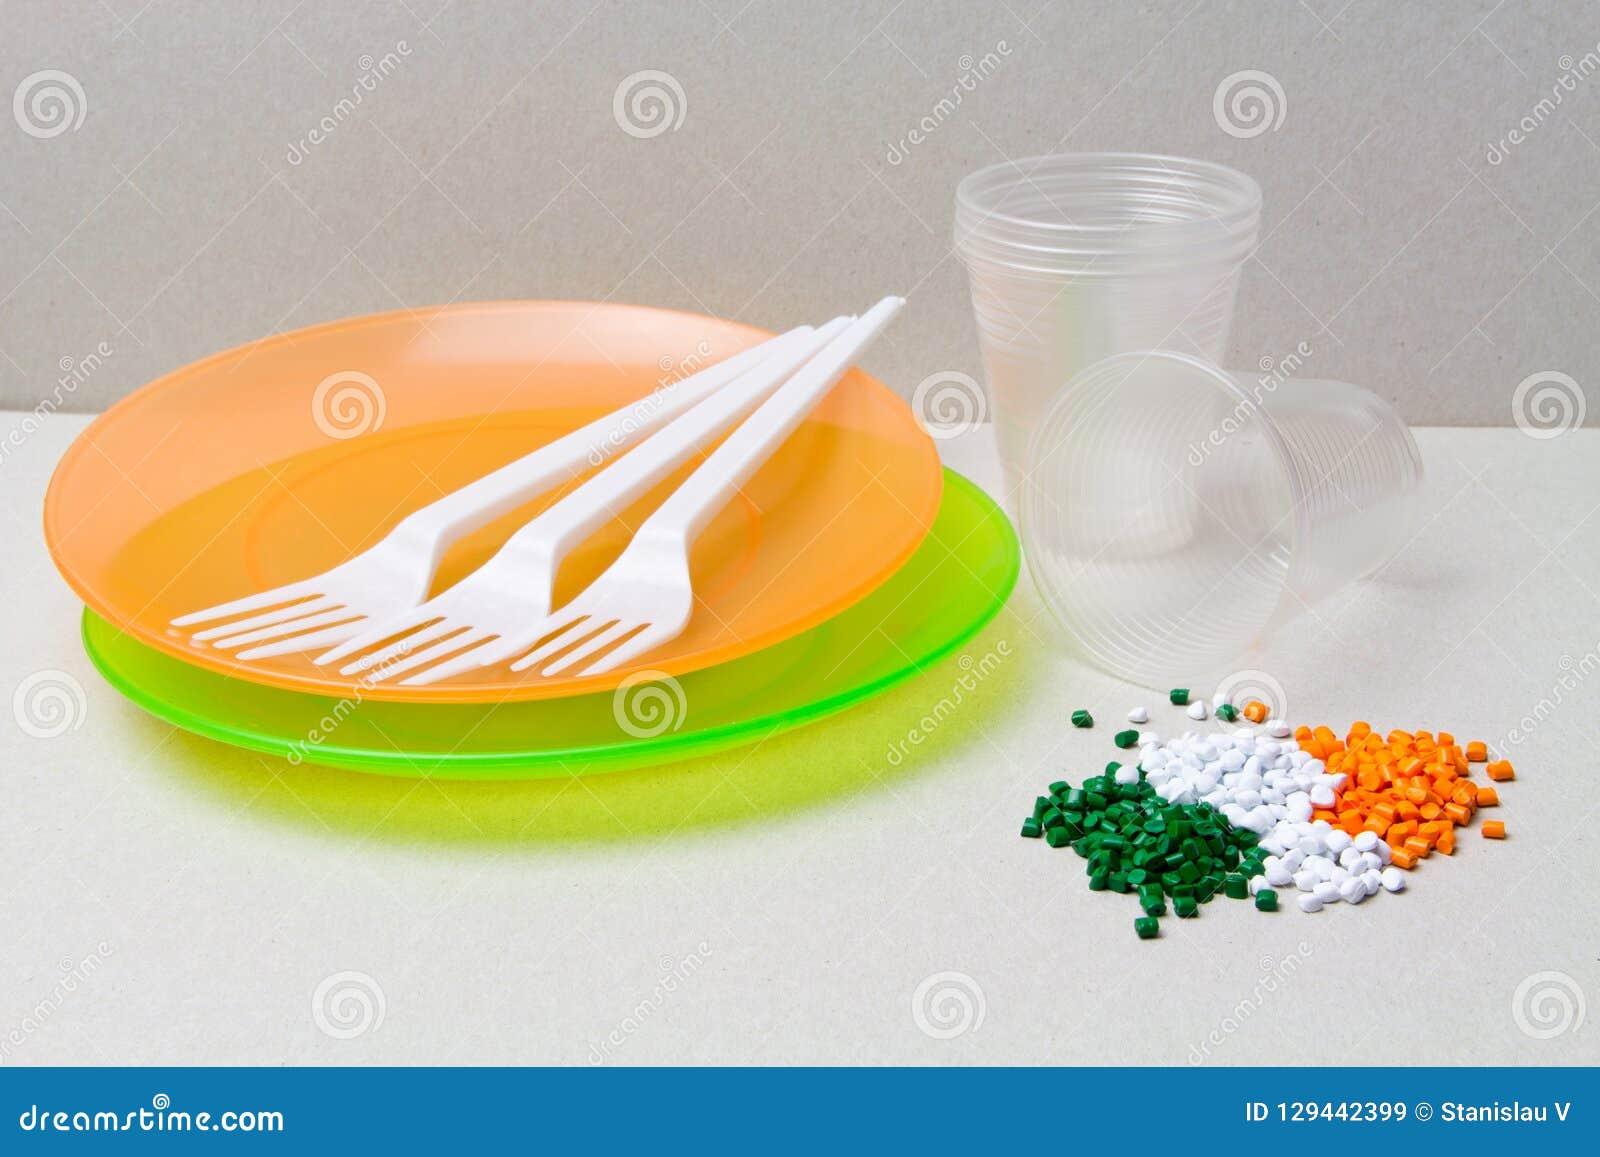 Gránulos del polietileno y vajilla disponible hechos de polyethyl